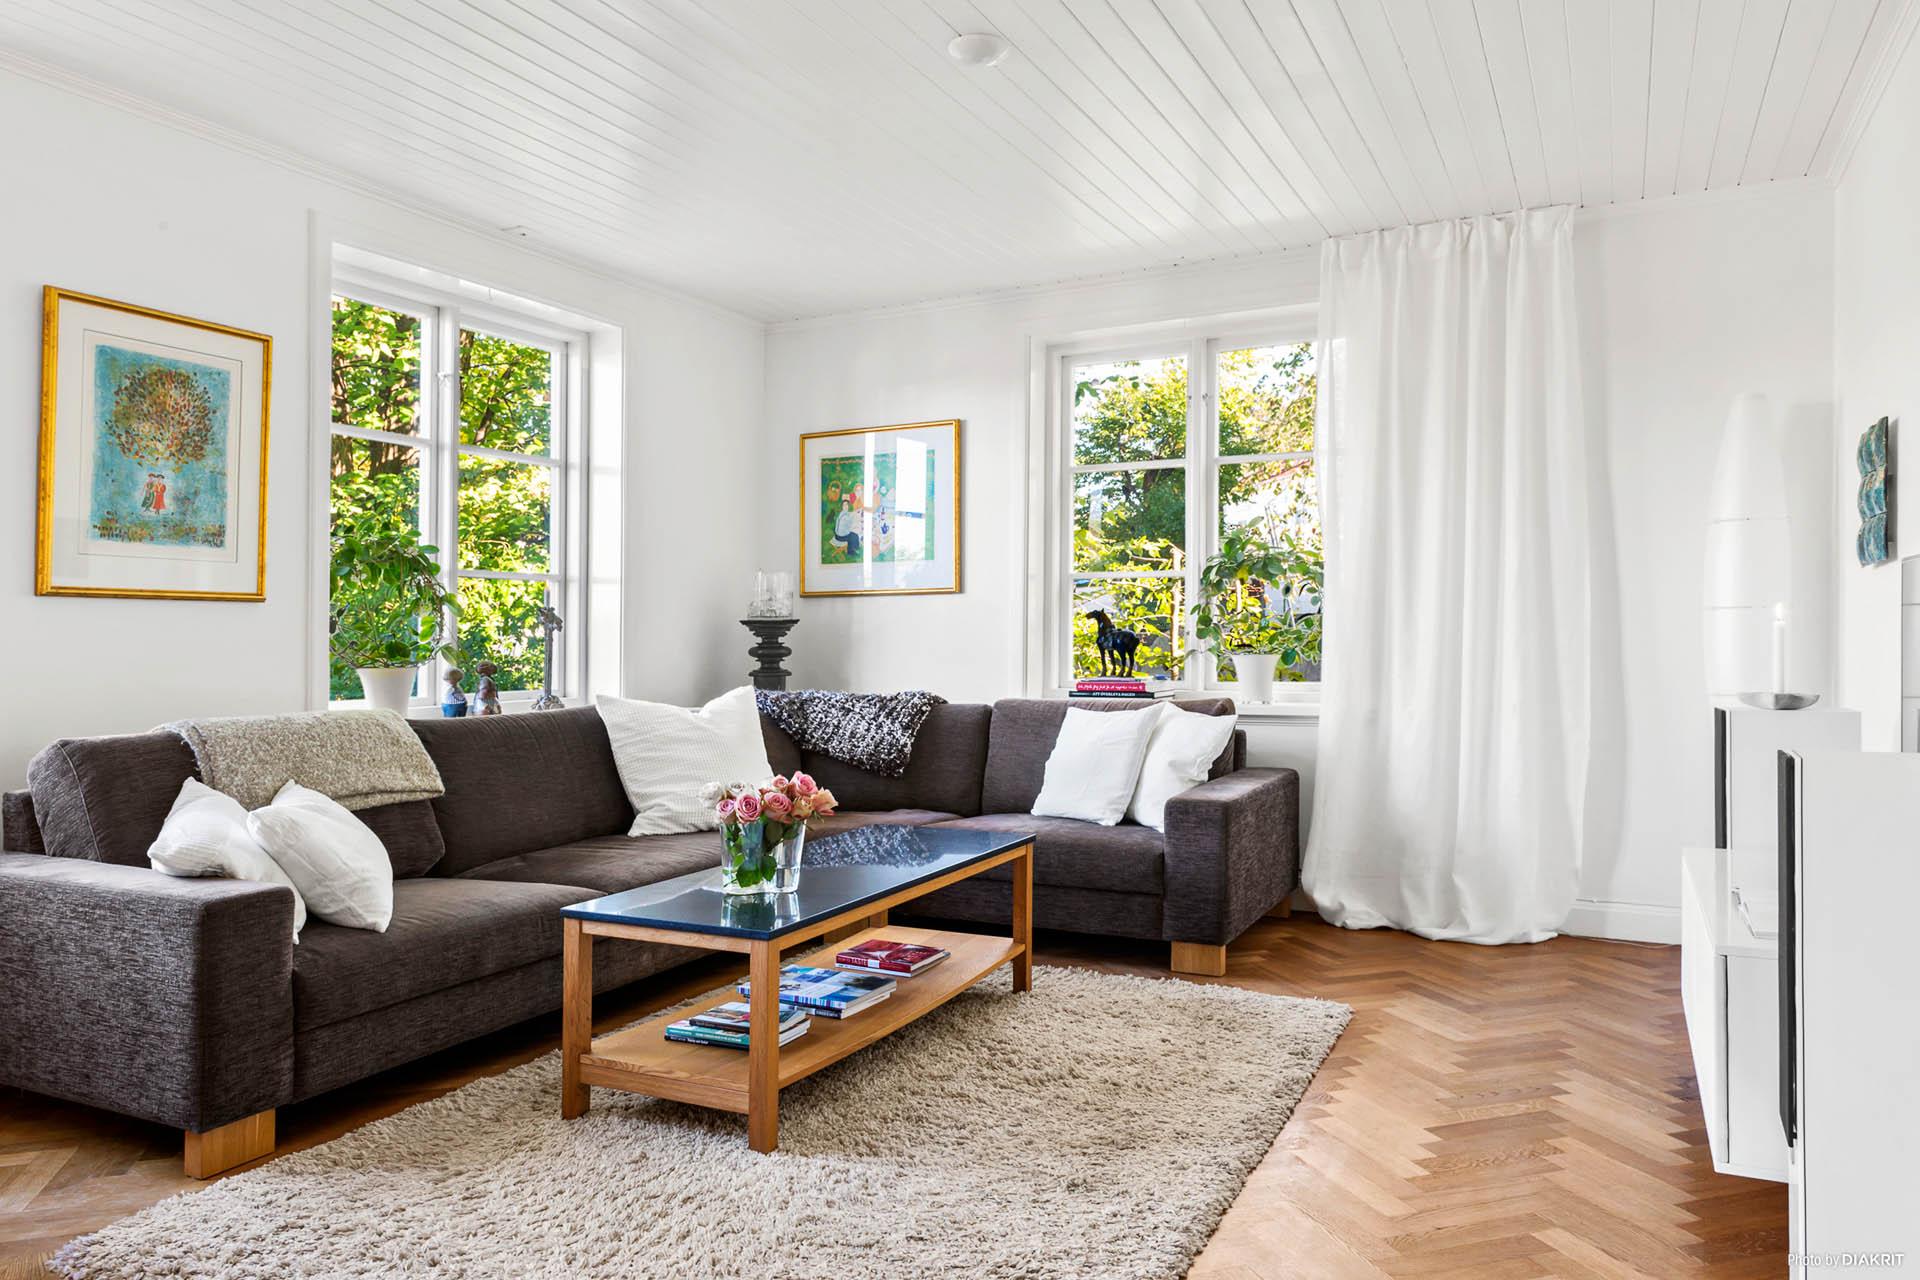 VARDAGSRUM - Ljust vardagsrum med fönster i två väderstreck